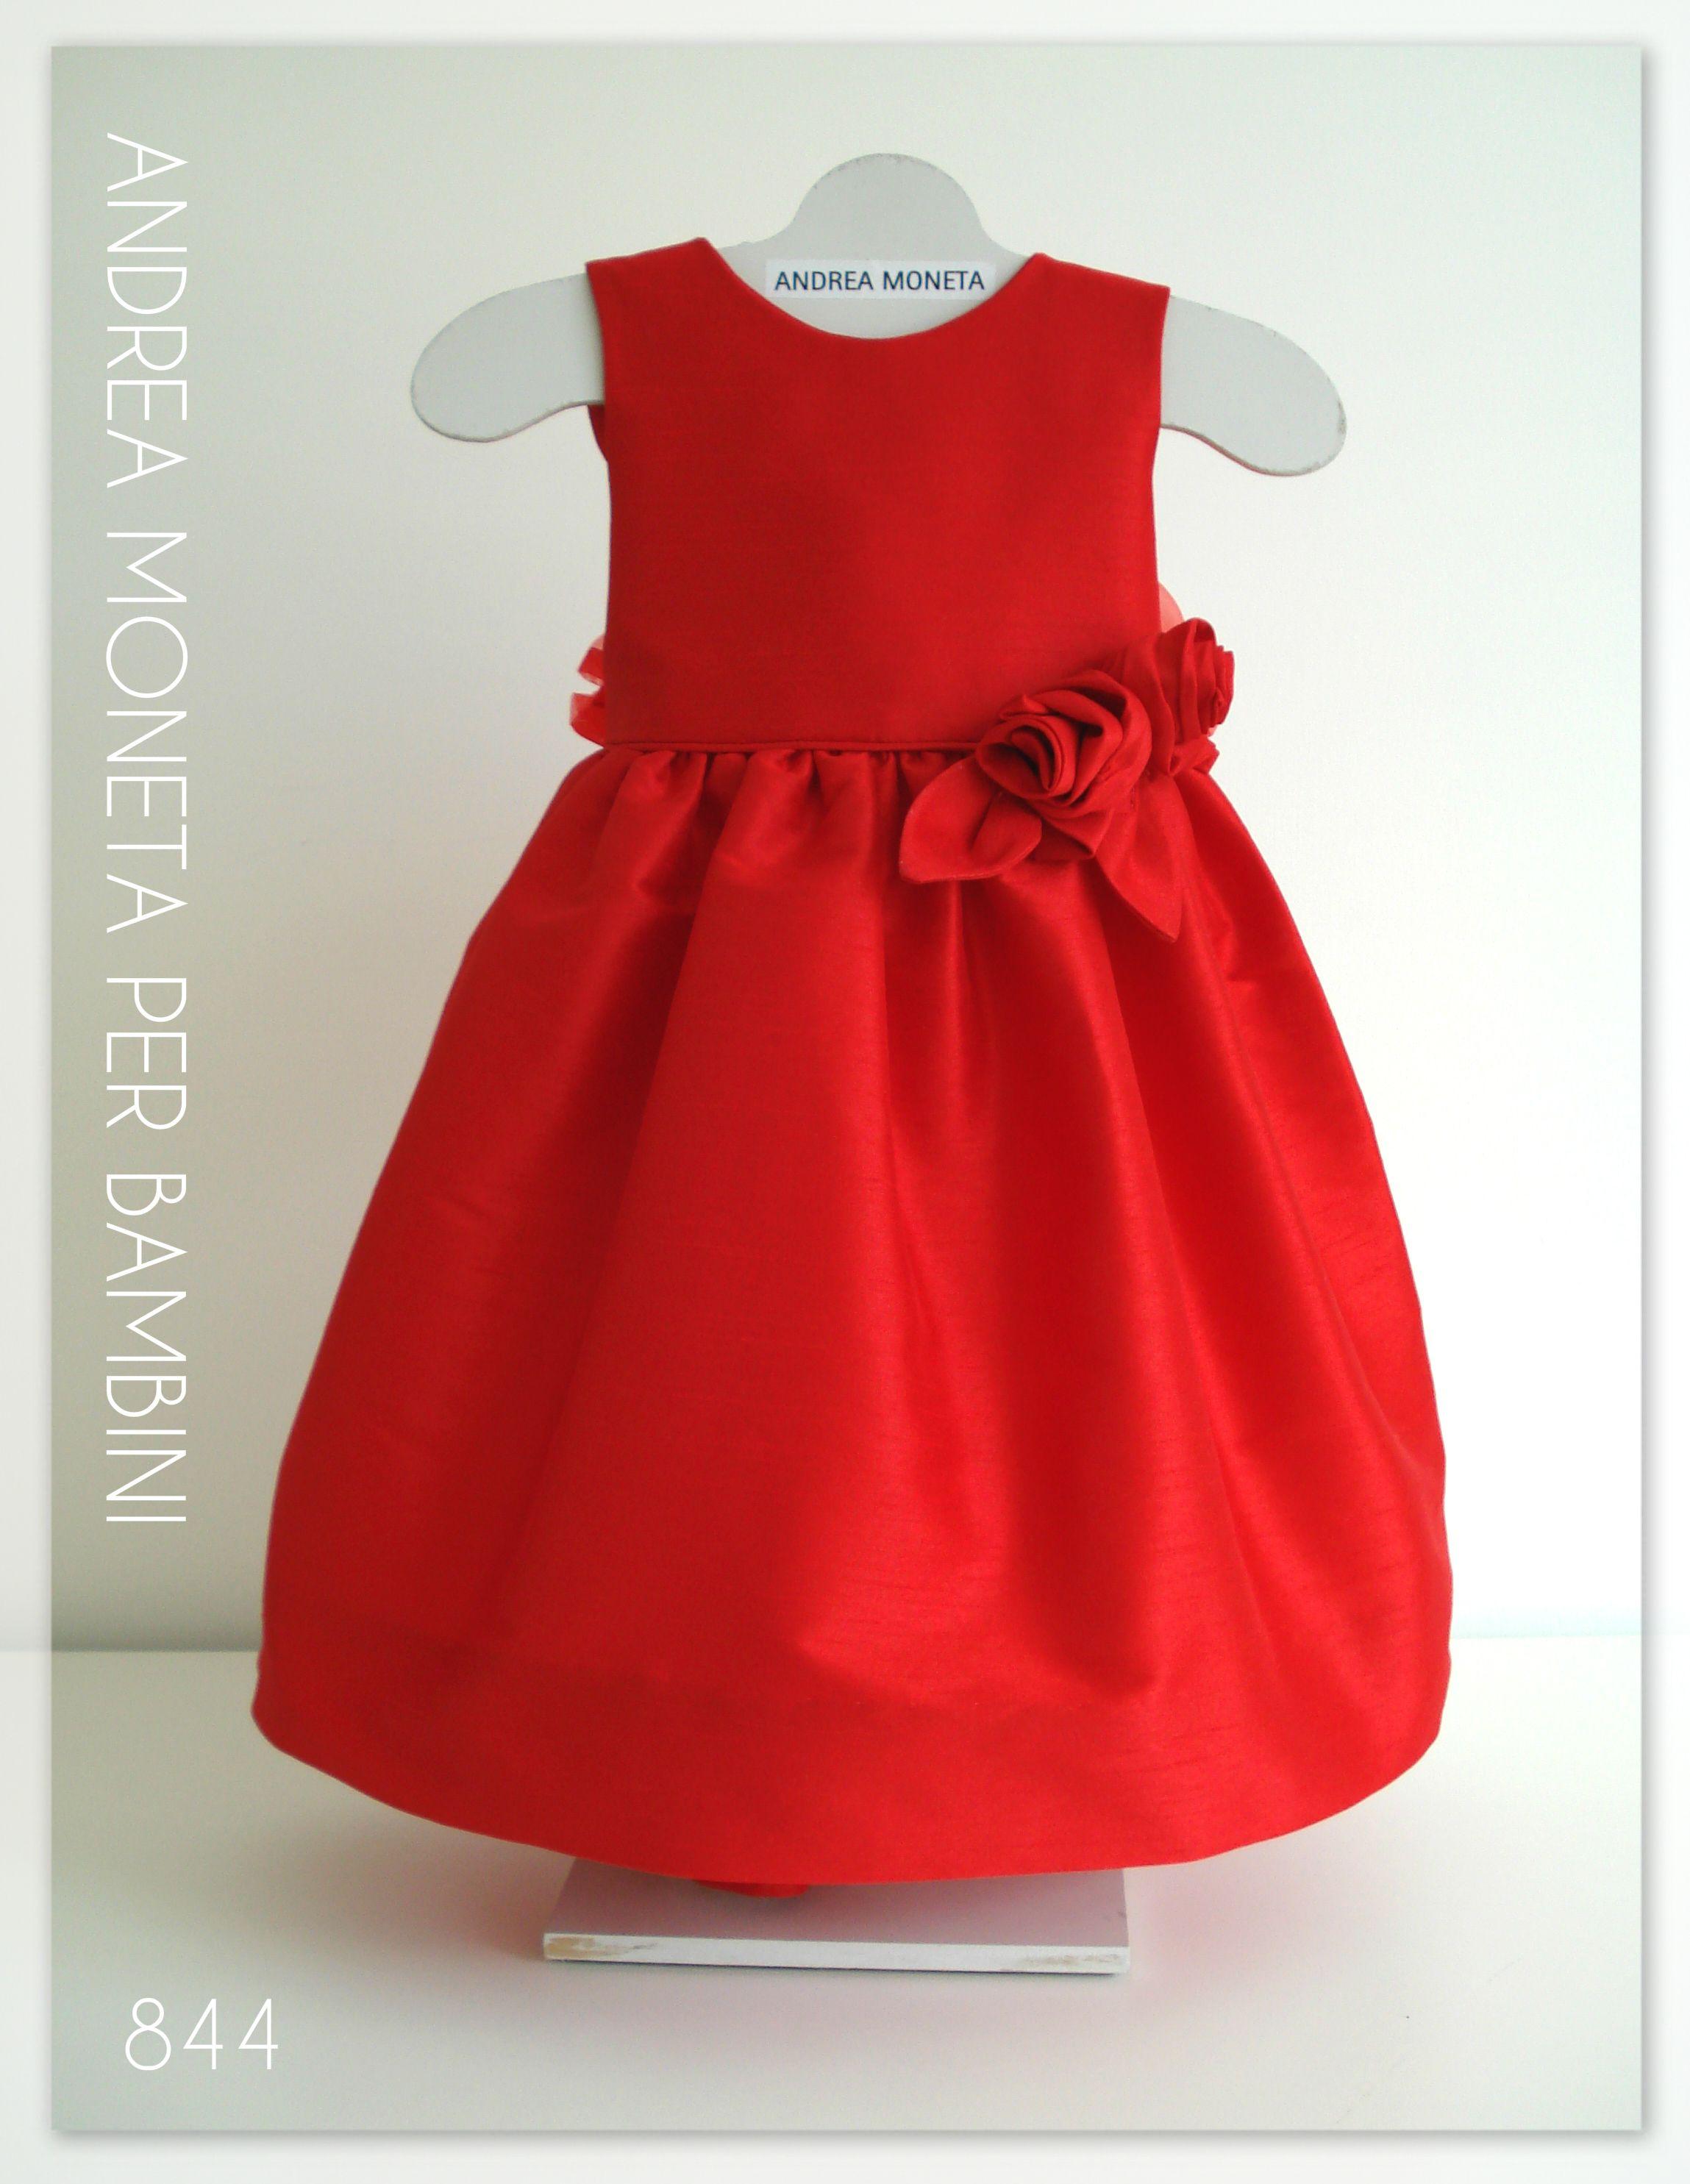 844 Hermoso vestido rojo formal bebe niña formal red dress